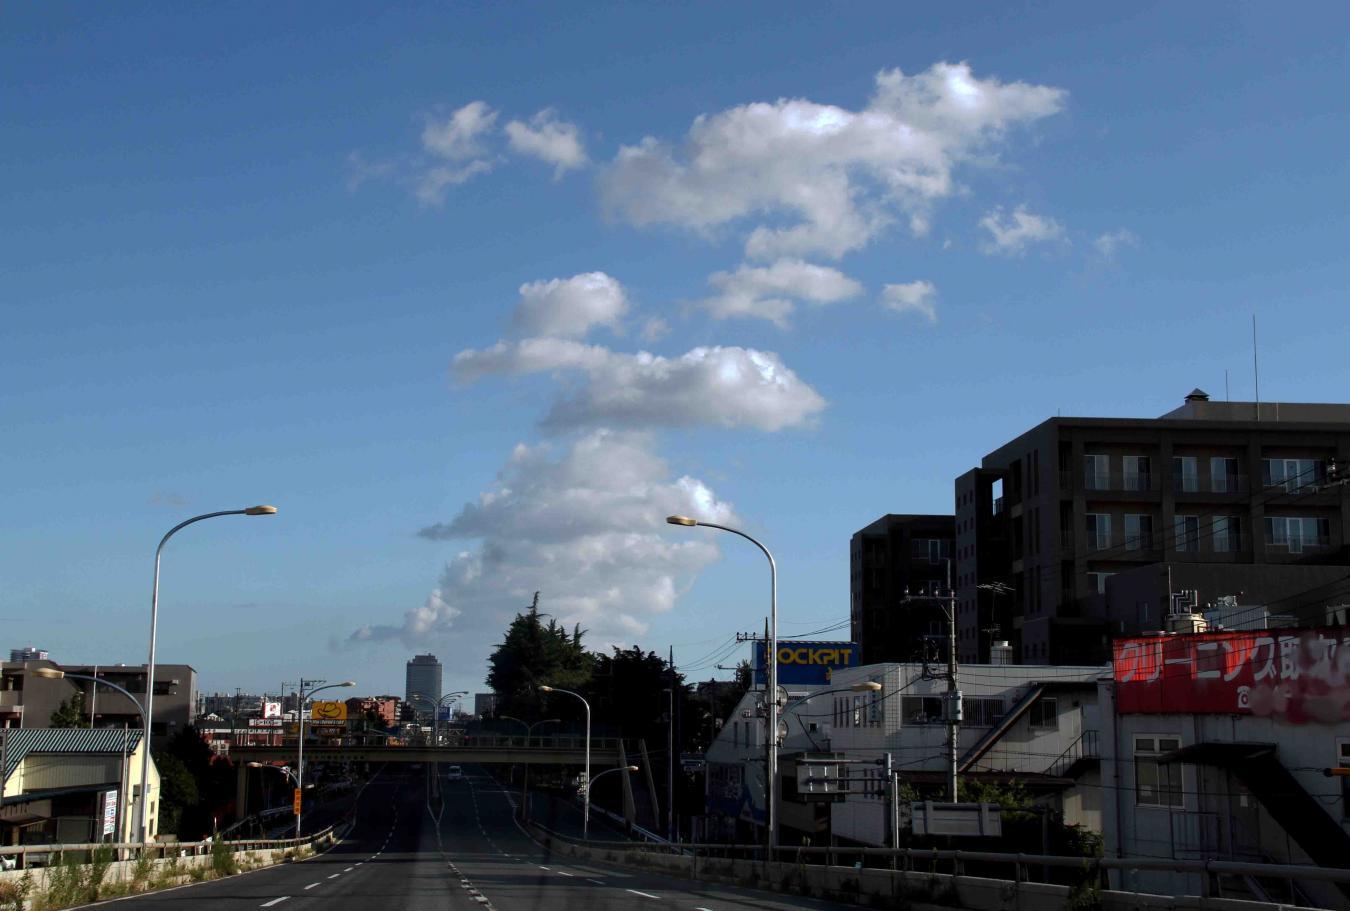 環八雲 20120819(1) 16時45分 笹目通り和光陸橋付近から谷原方面